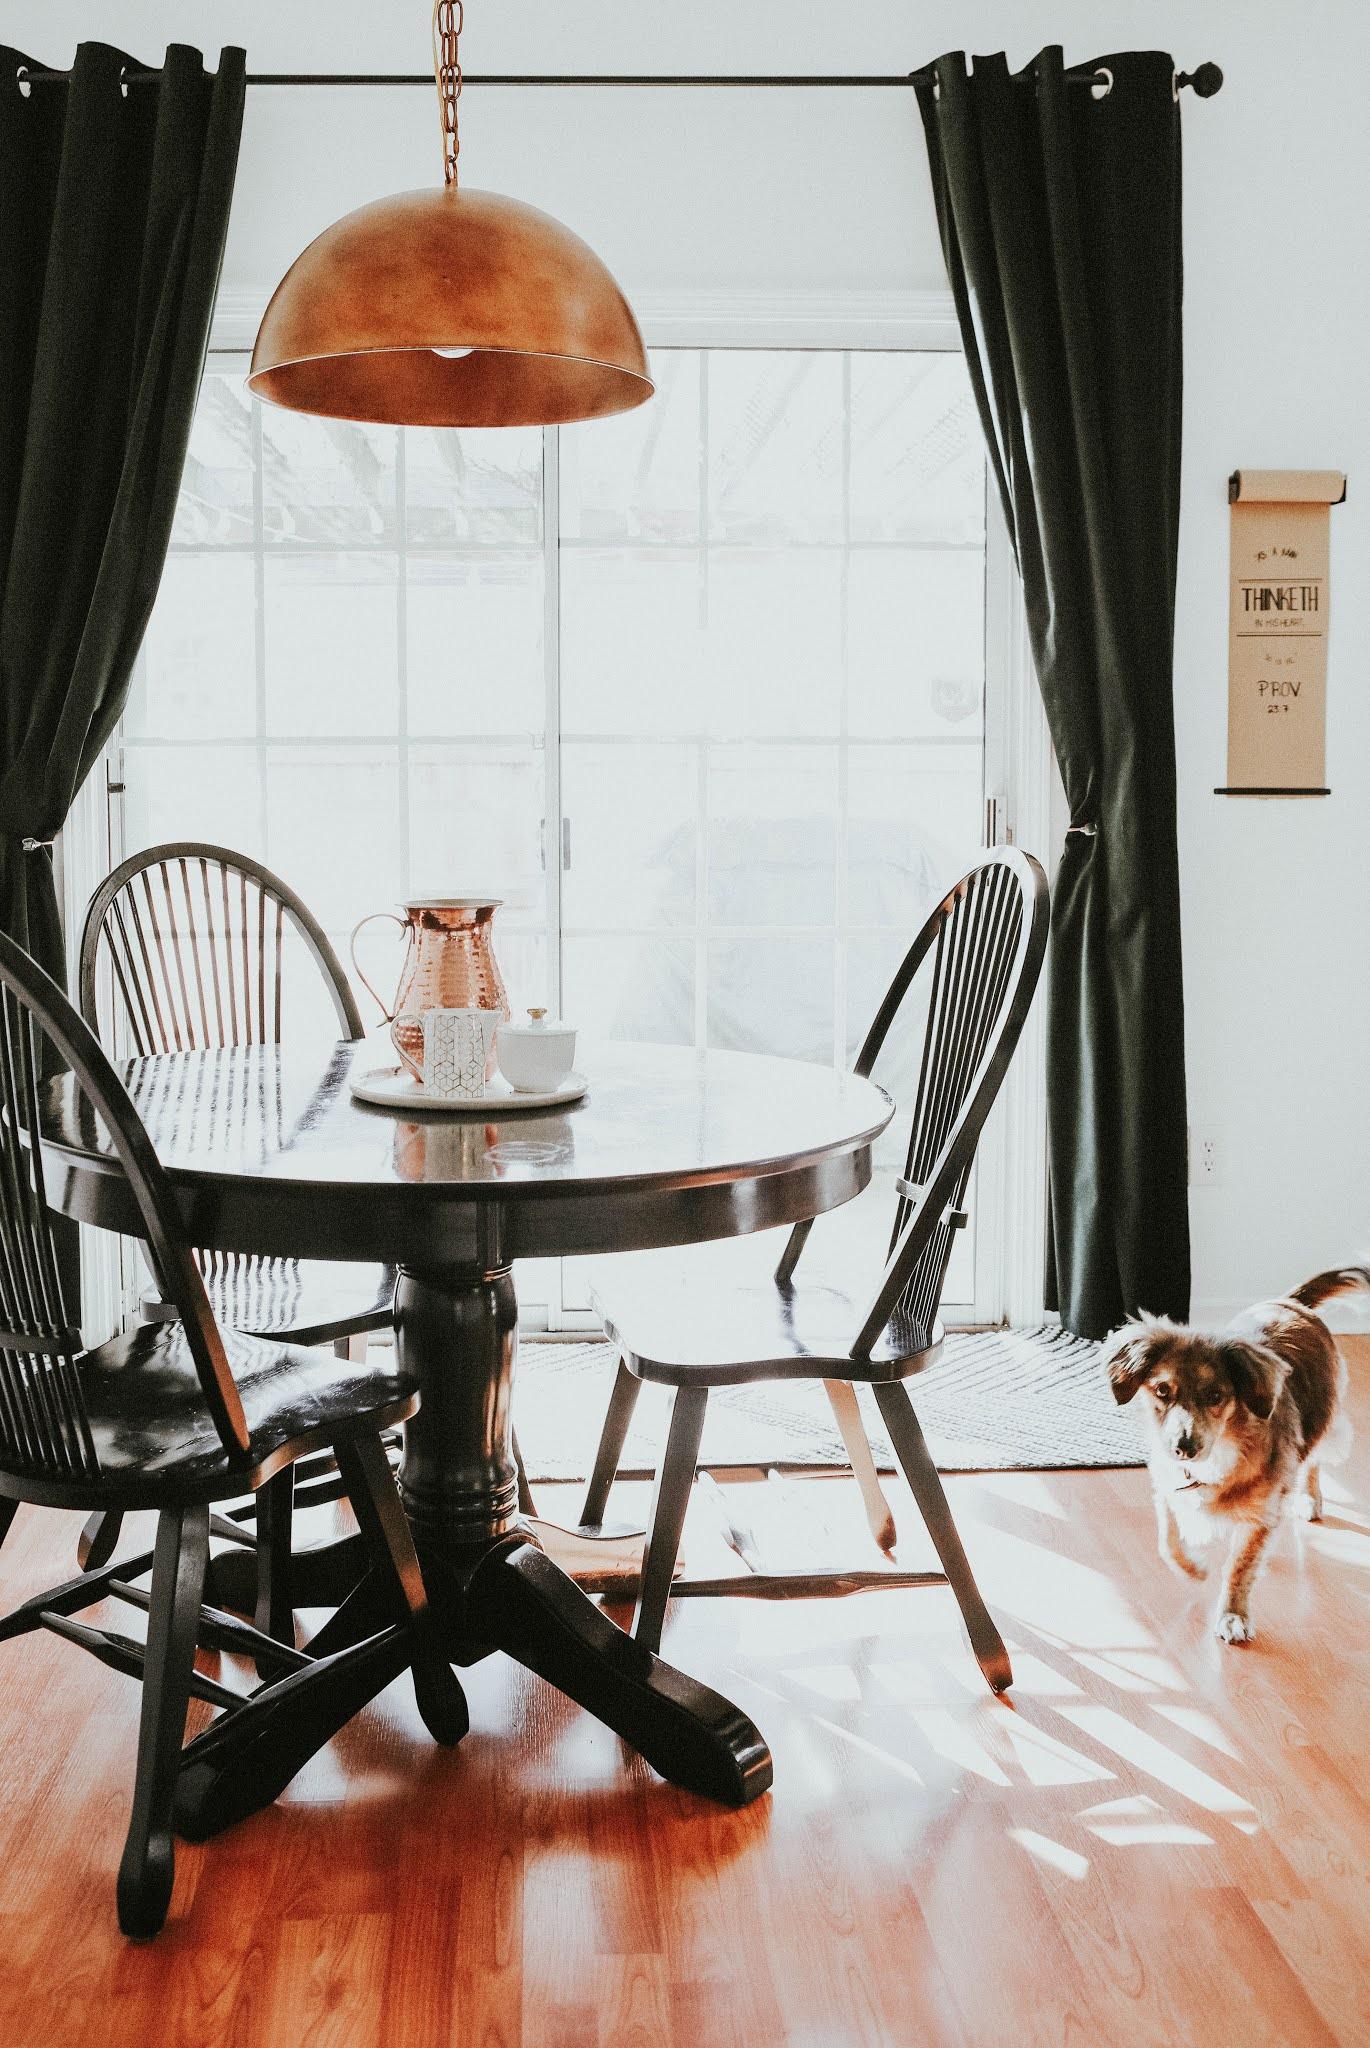 jak zaplanować oświetlenie w domu, w salonie w kuchni